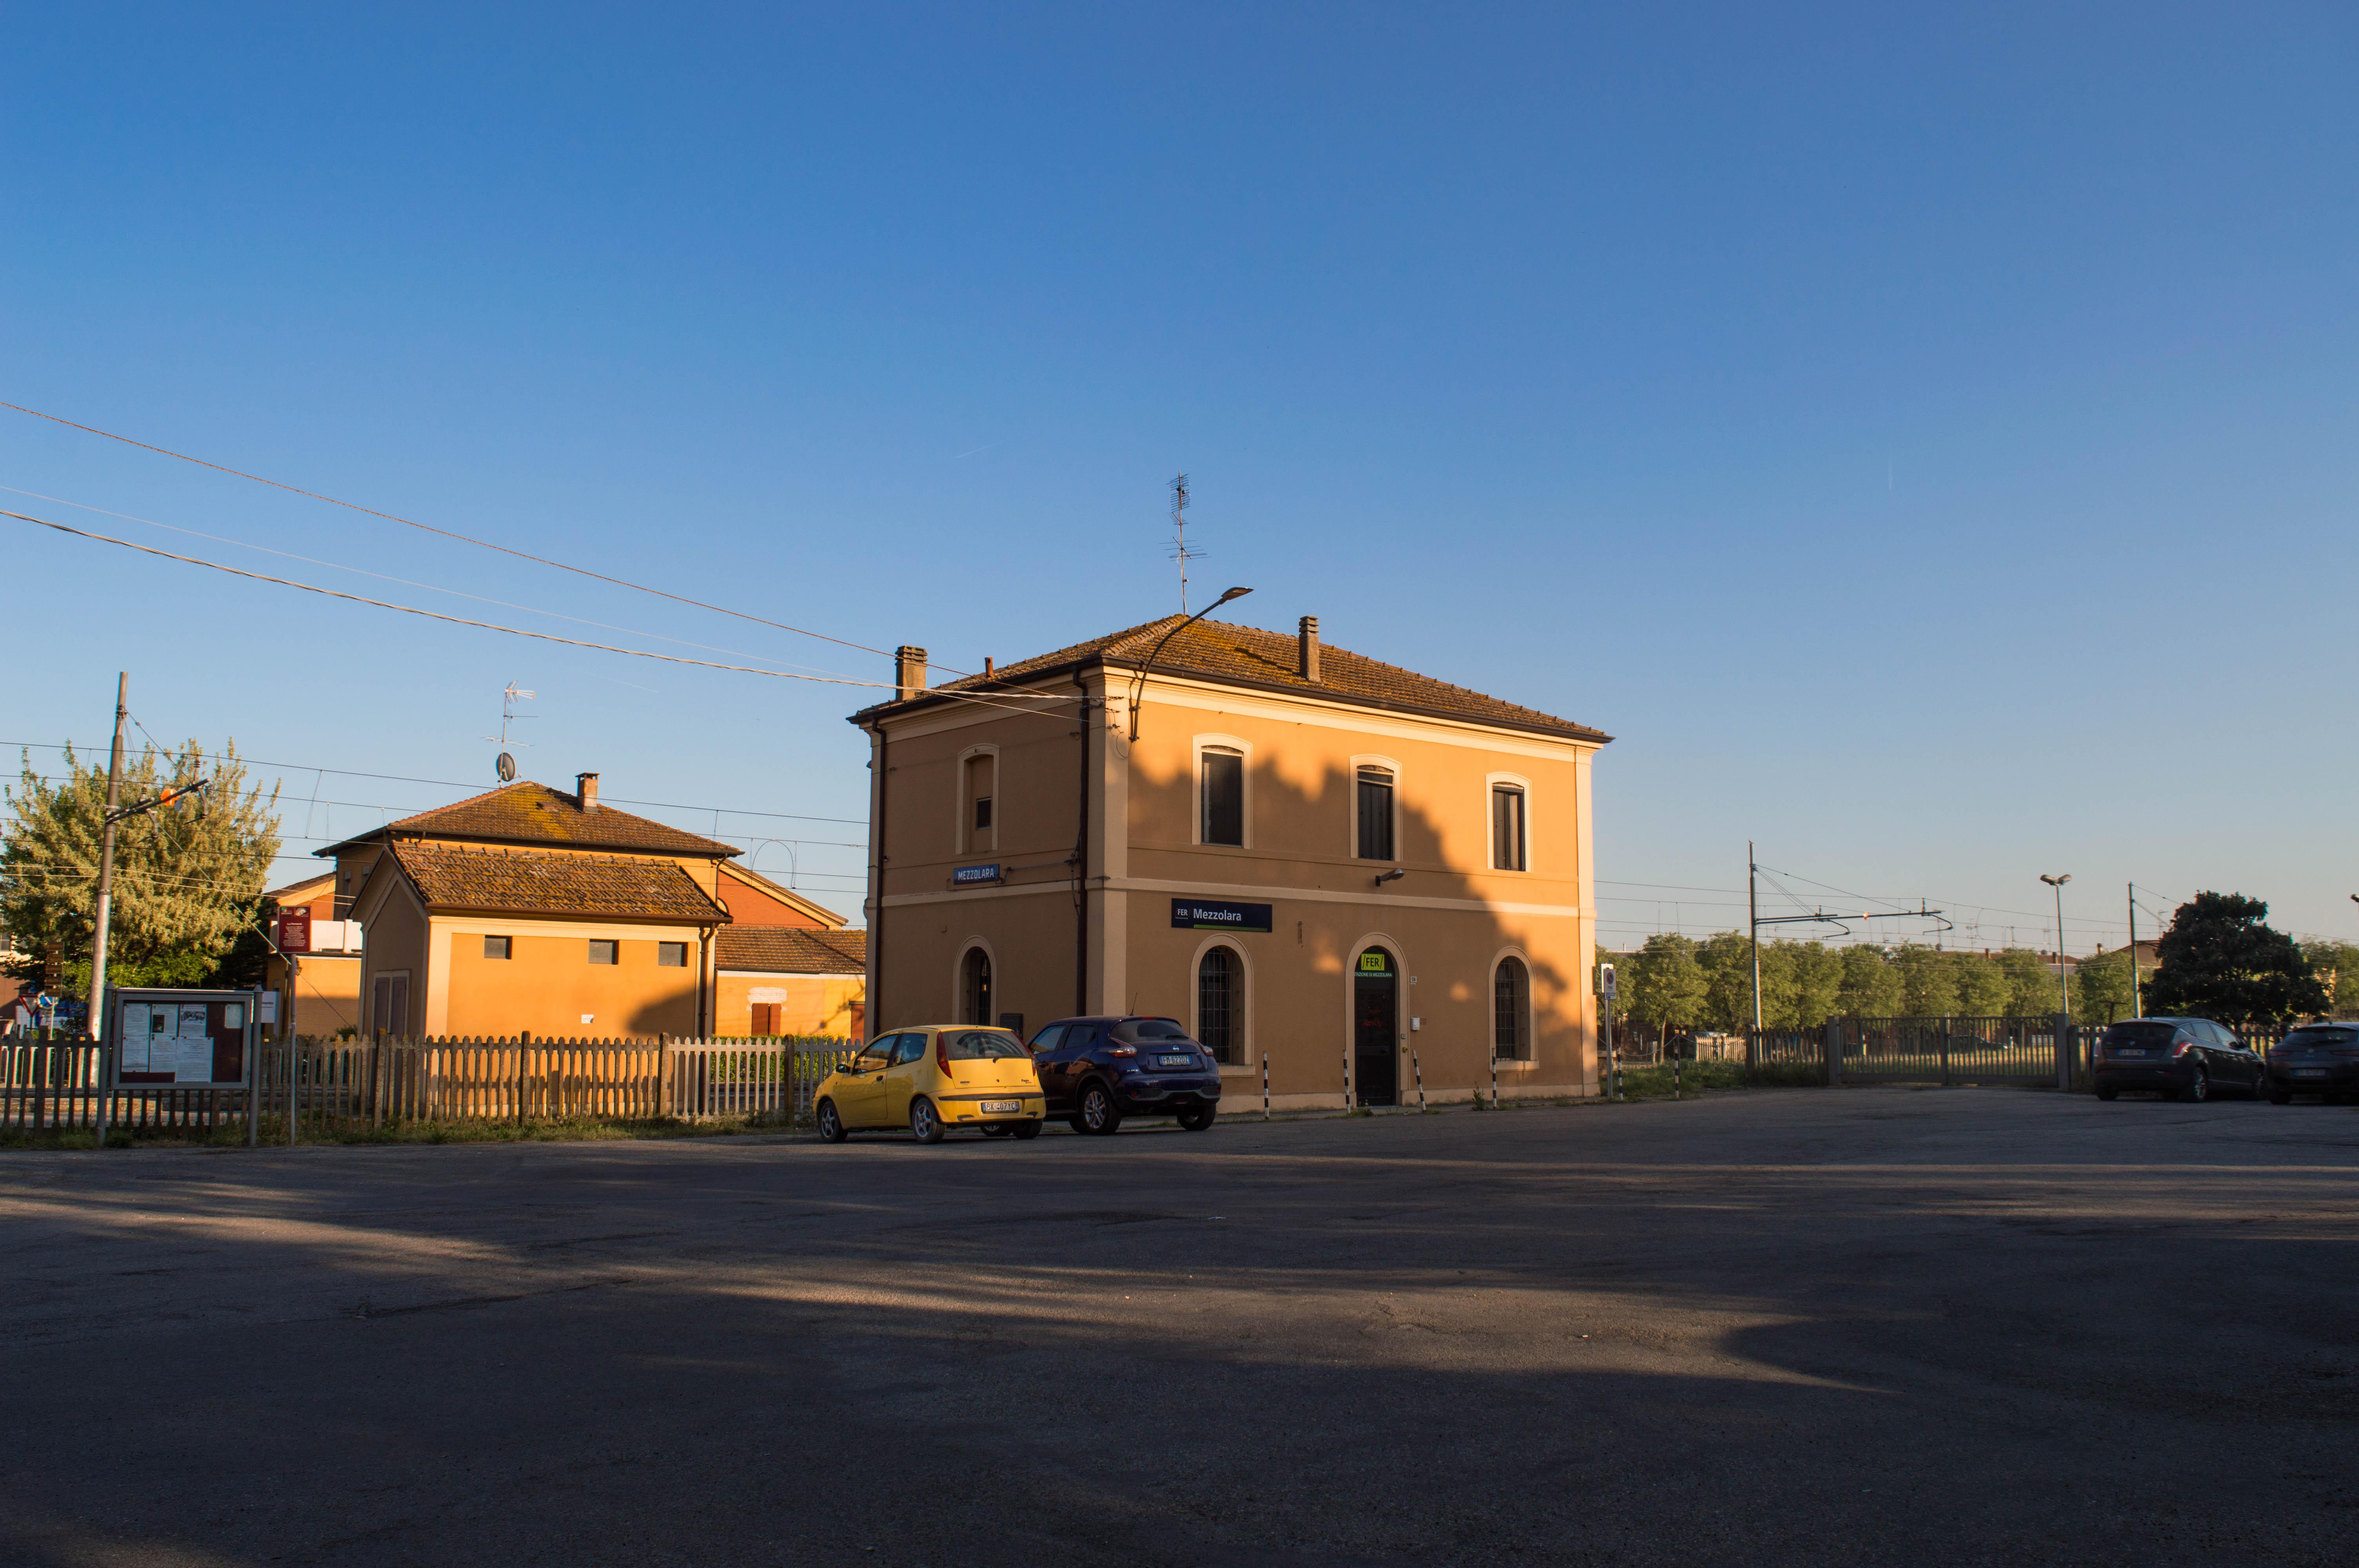 Stazione_ferroviaria_di_Mezzolara